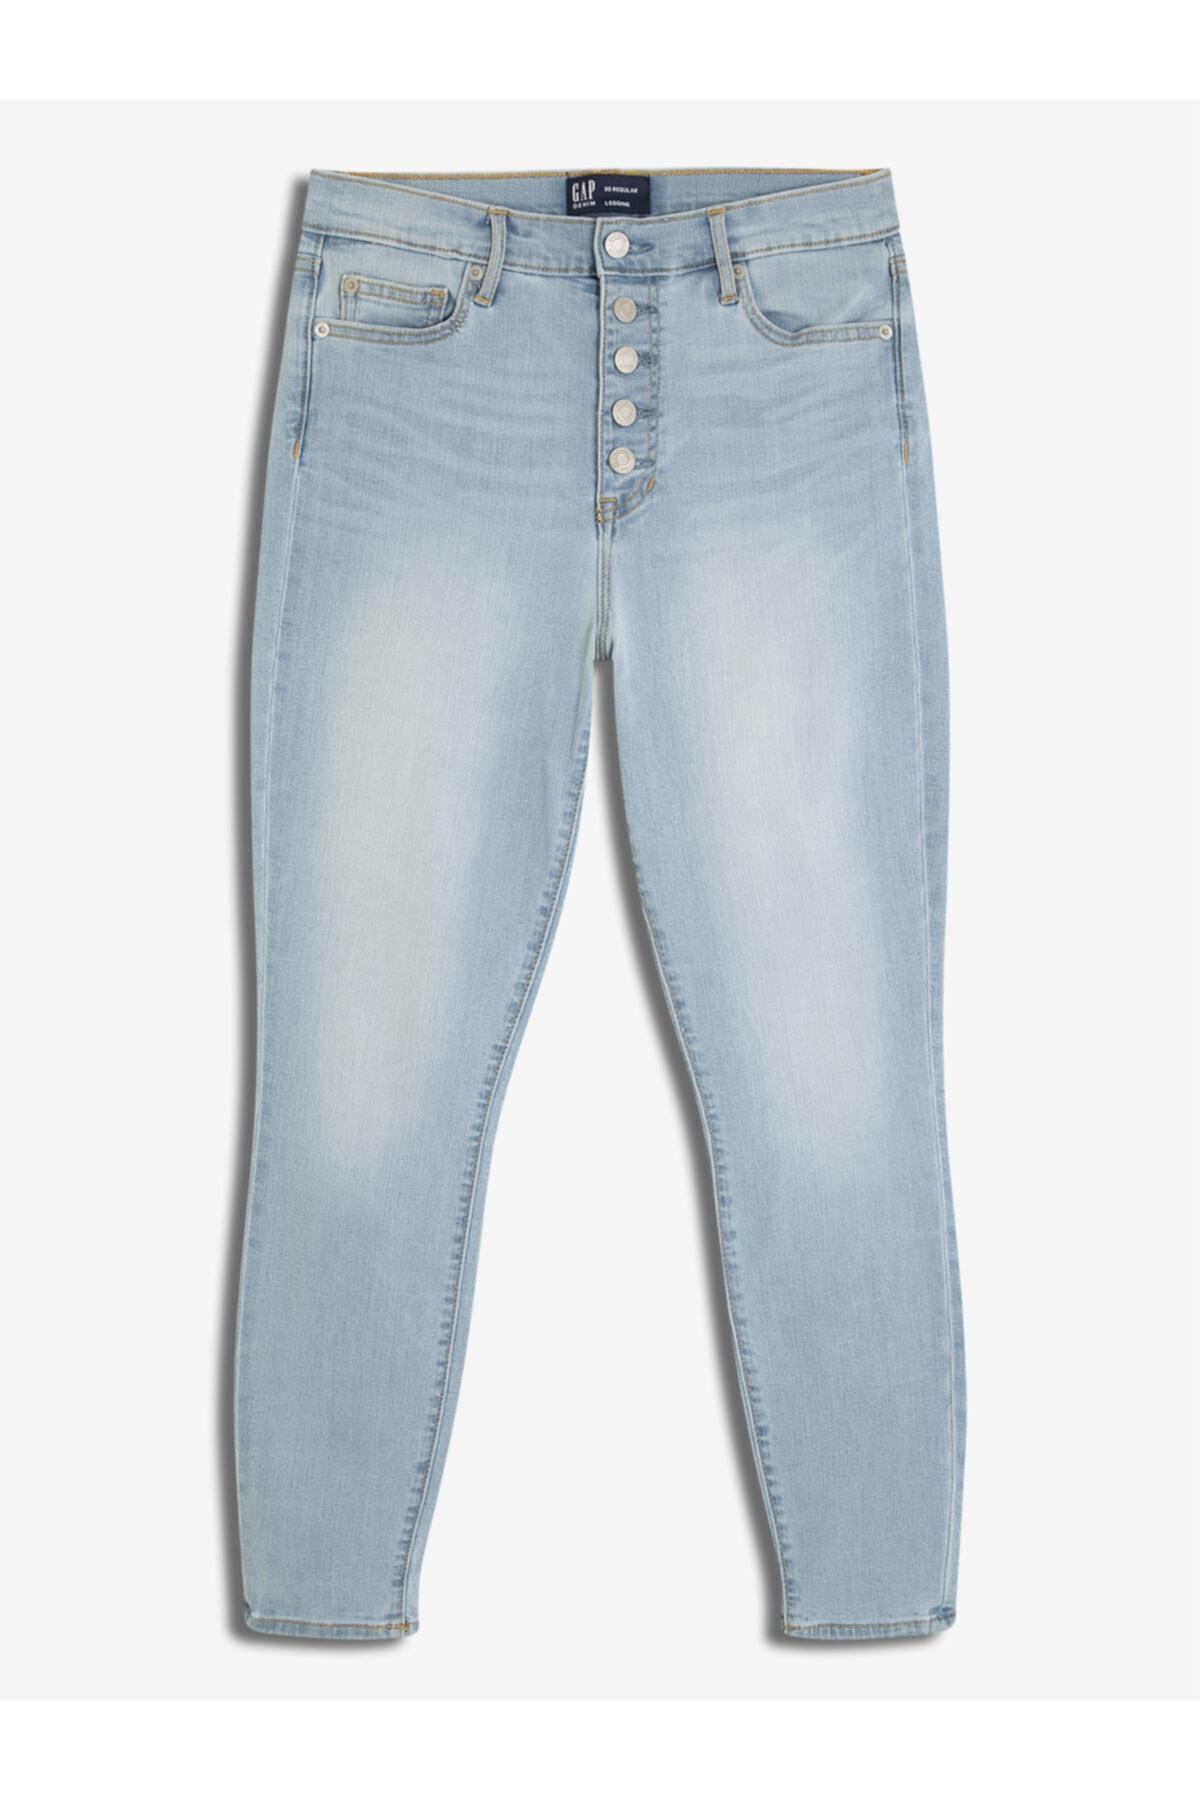 GAP Kadın Düğme Detaylı Jegging Pantolon 1